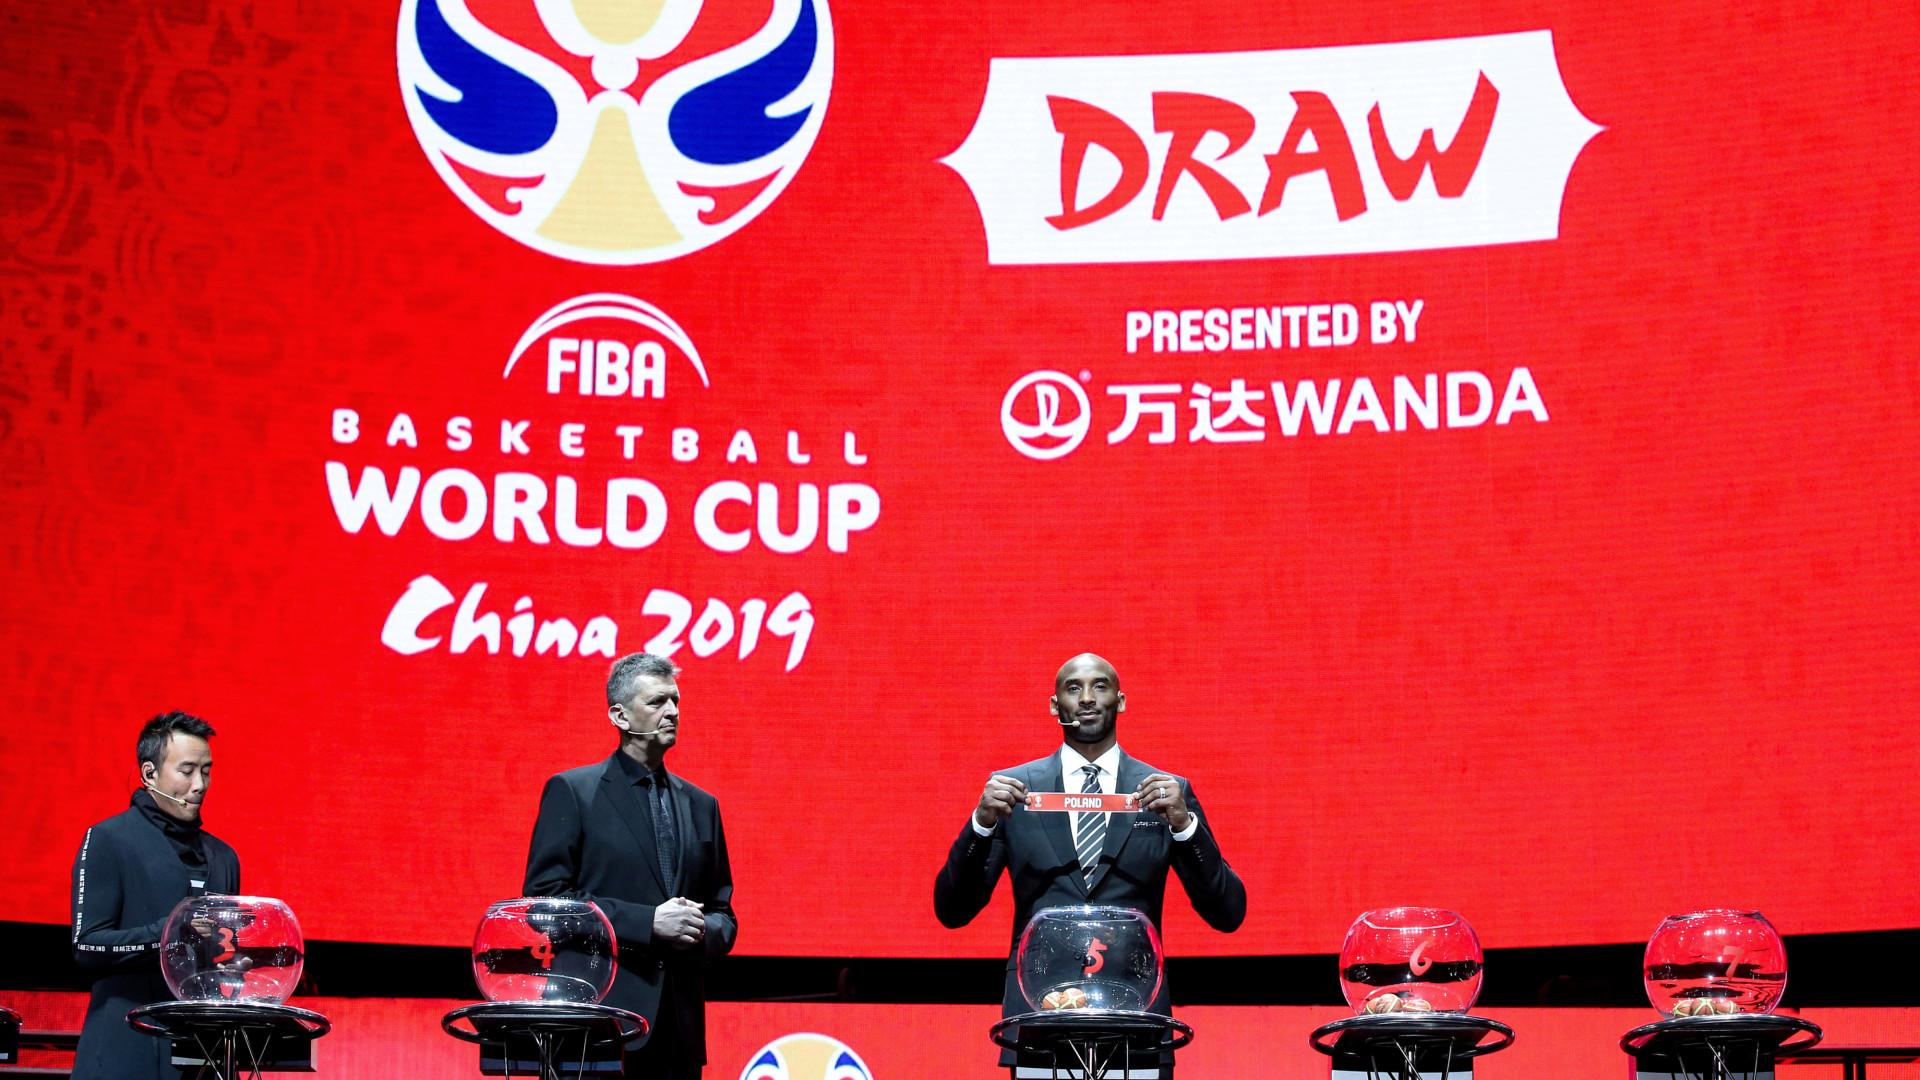 Brasil cai em grupo difícil e pega astro grego na Copa do Mundo